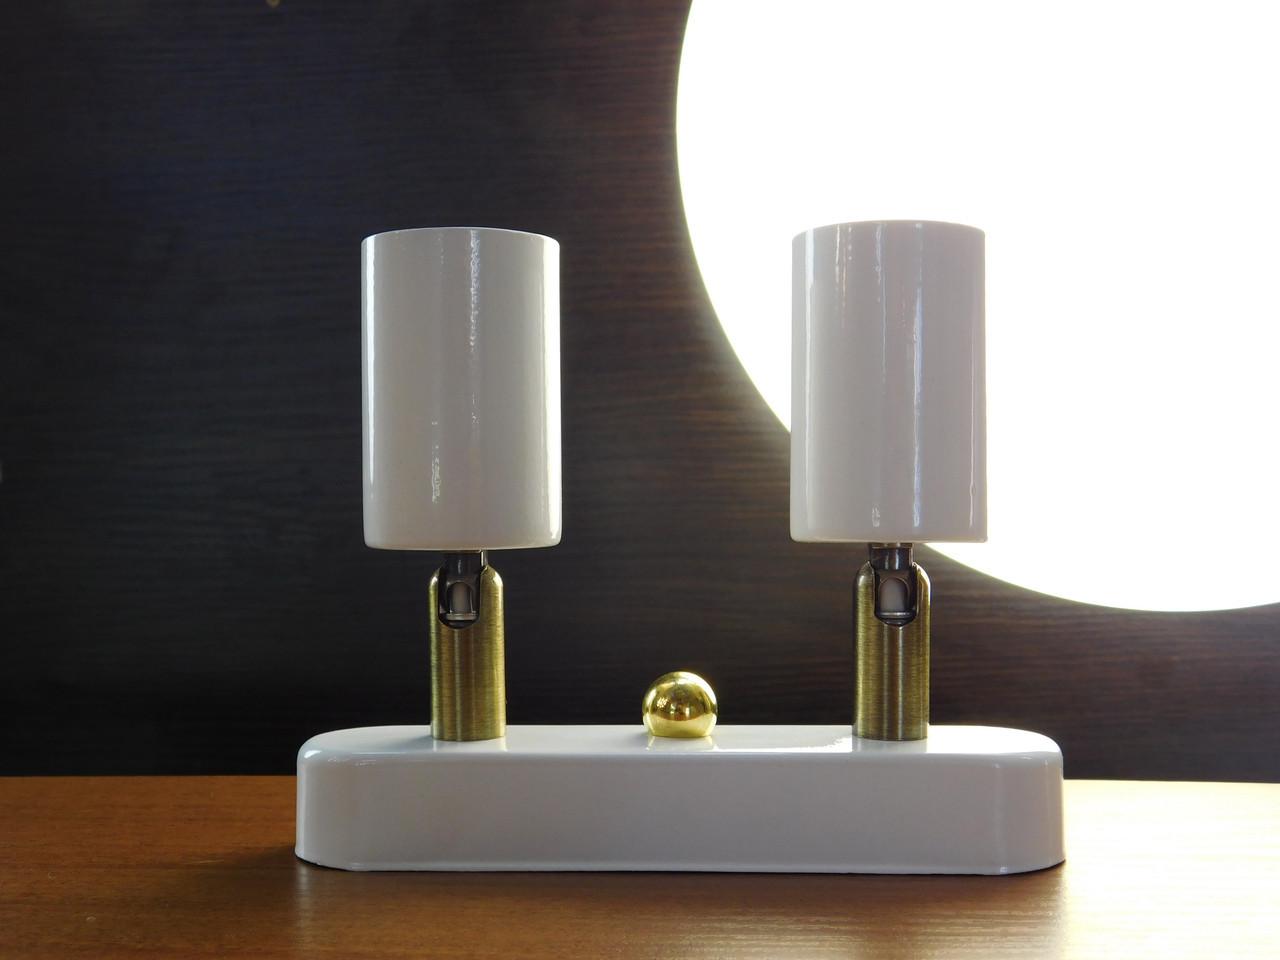 Настенный светильник, спот поворотный, потолочная лампа, на две лампы, белый цвет, мини